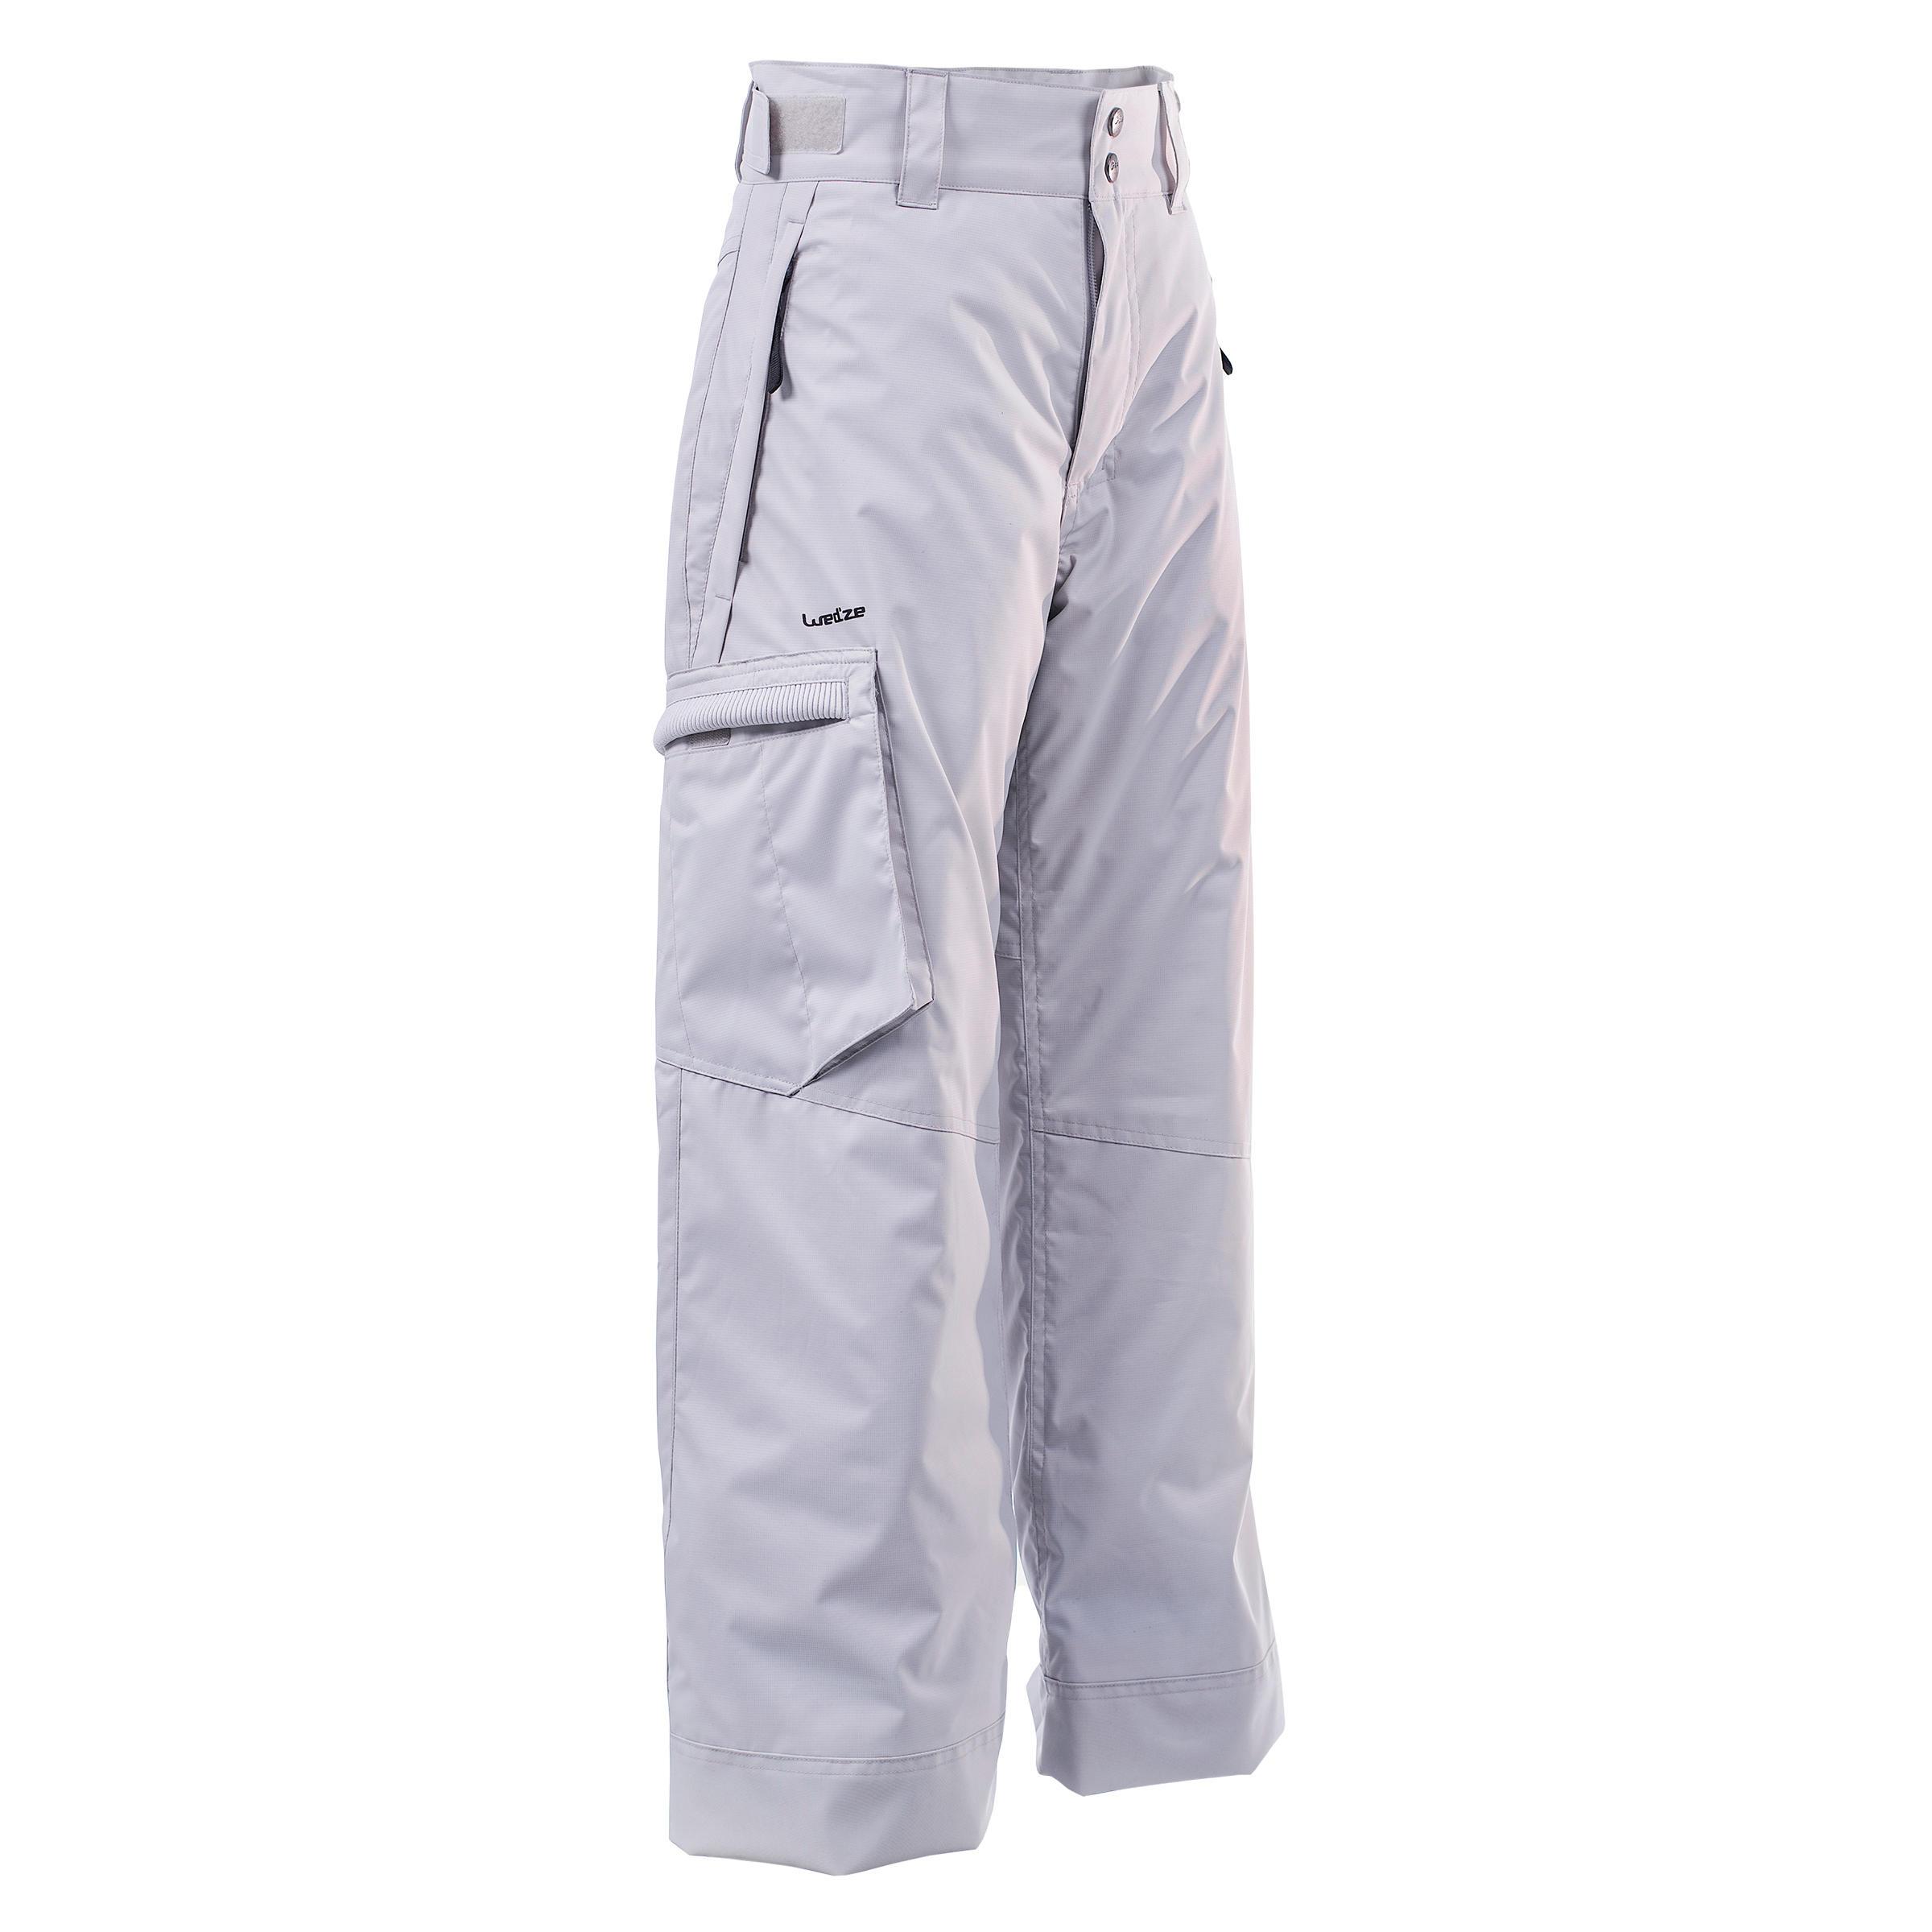 Pantalon de planche à neige et ski SNB PA 500 garçon gris